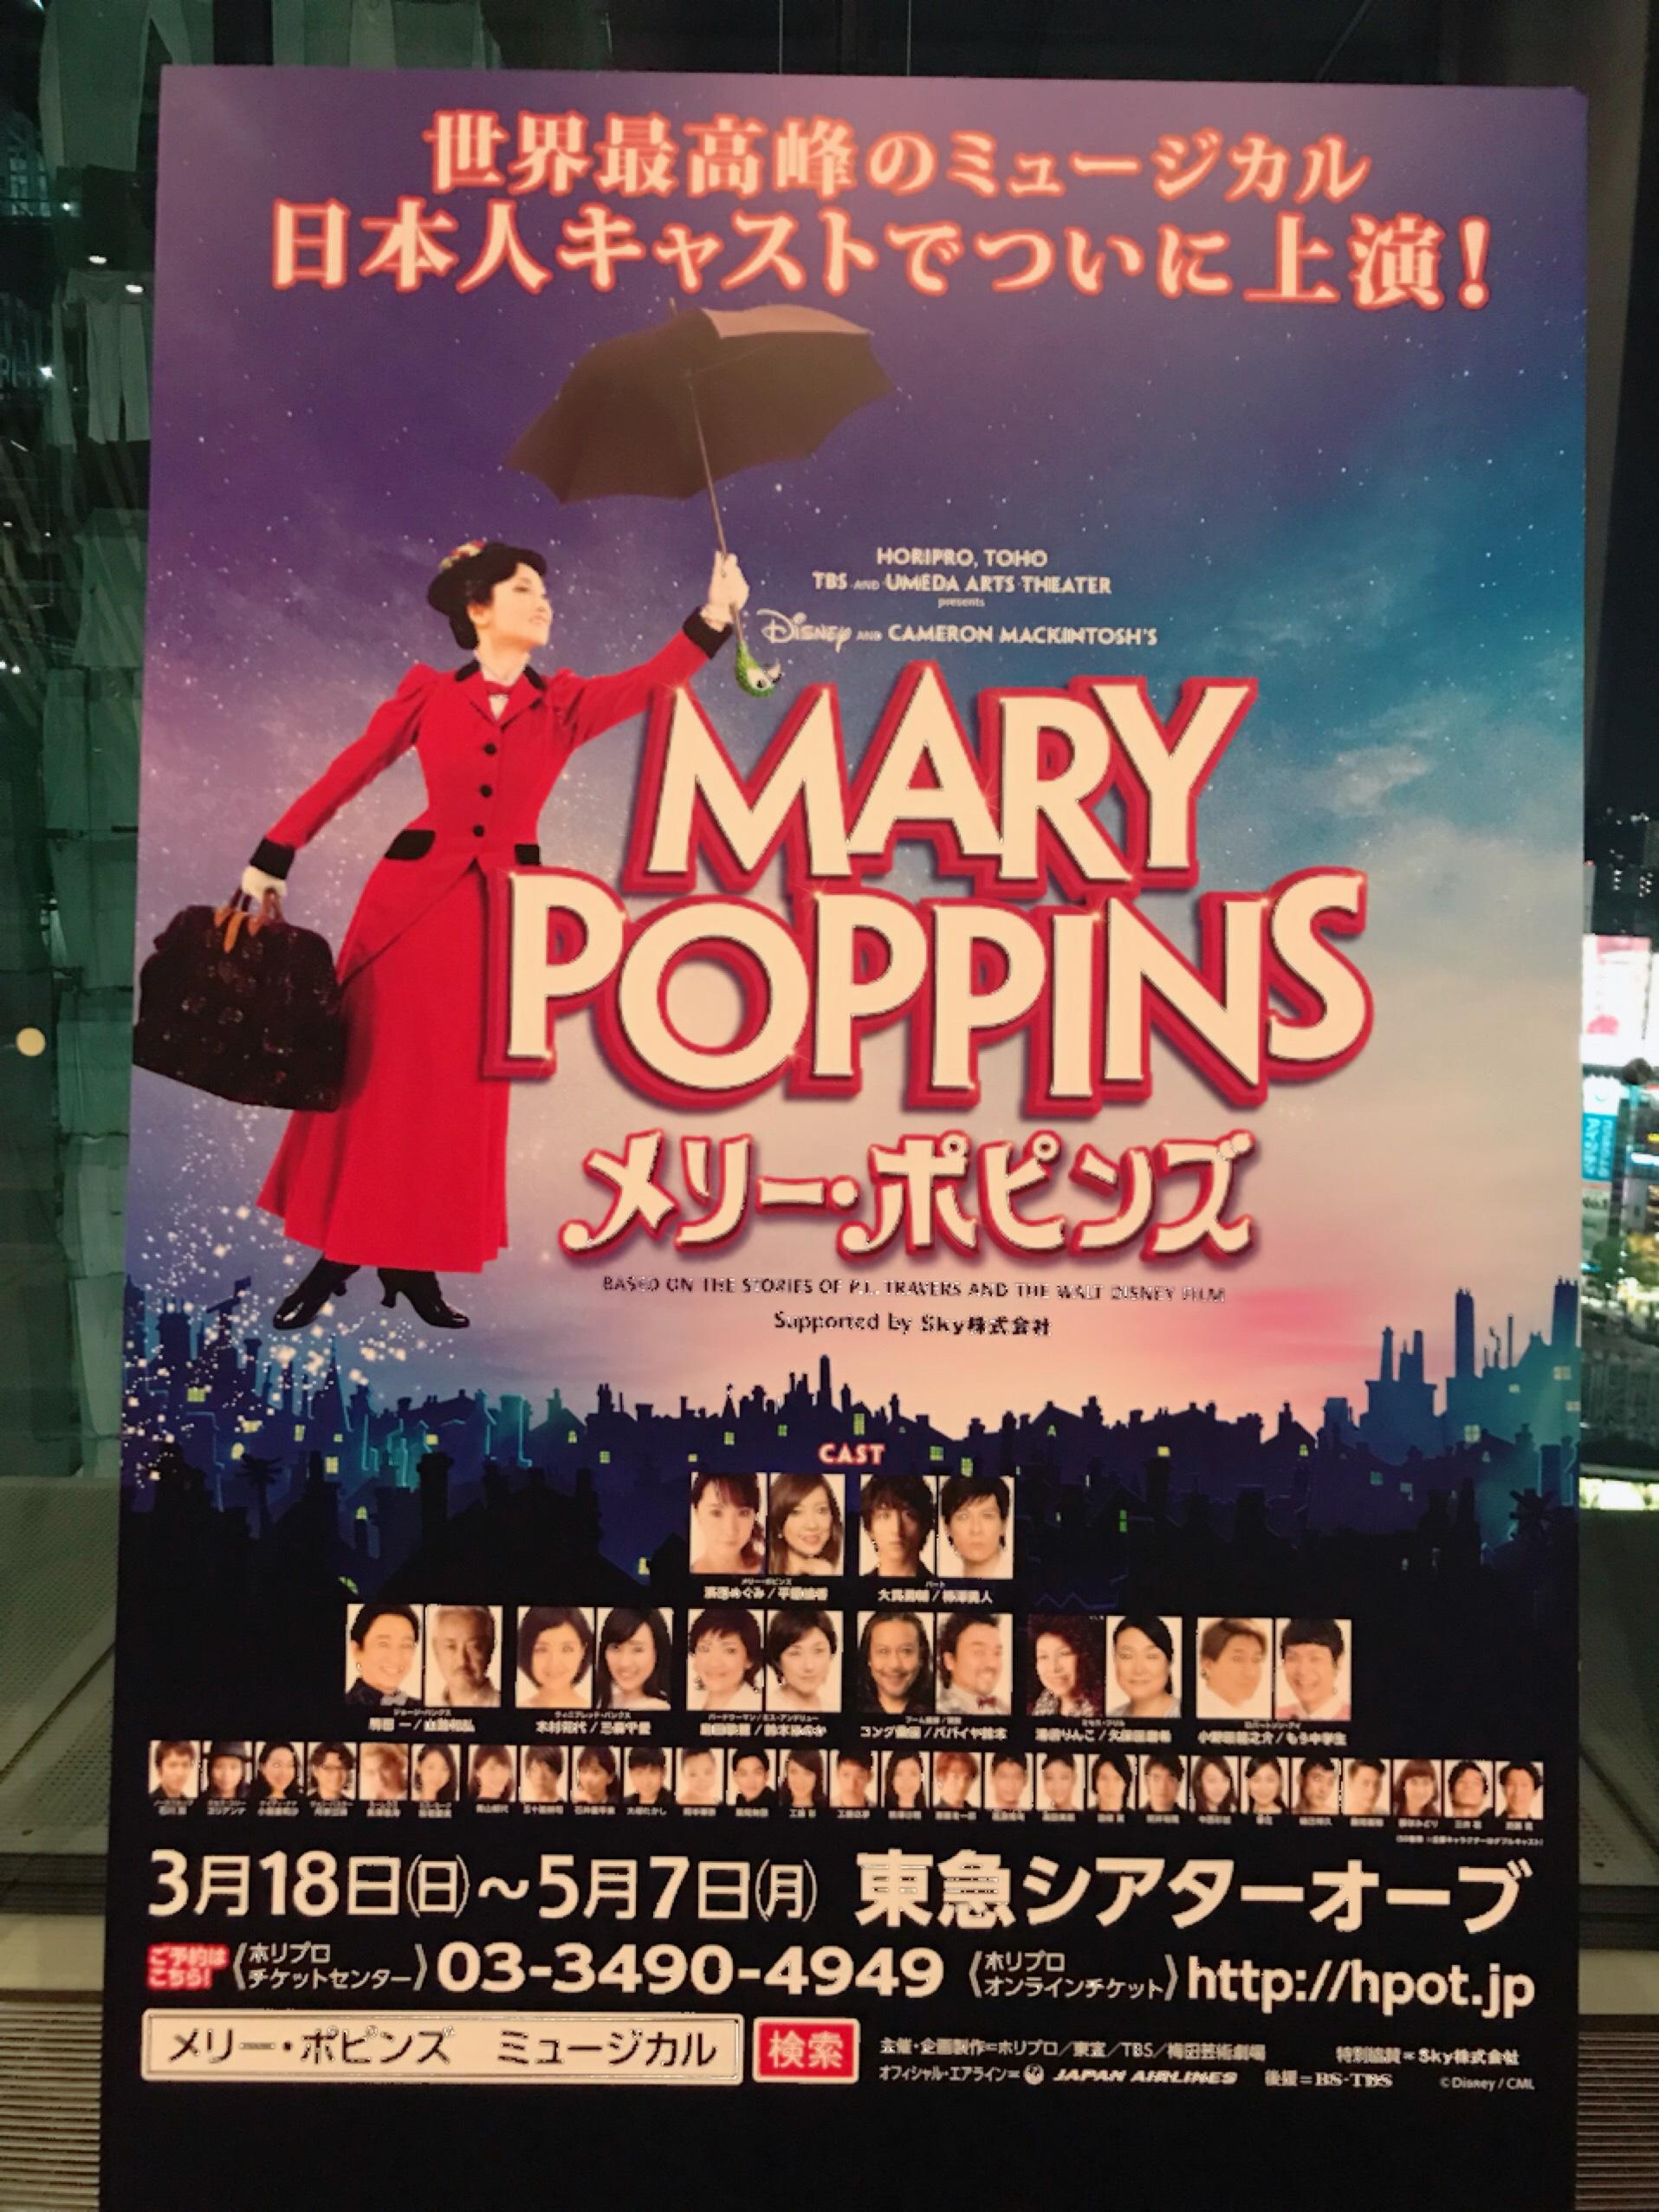 大人も子供も楽しめる ミュージカル「メリーポピンズ」